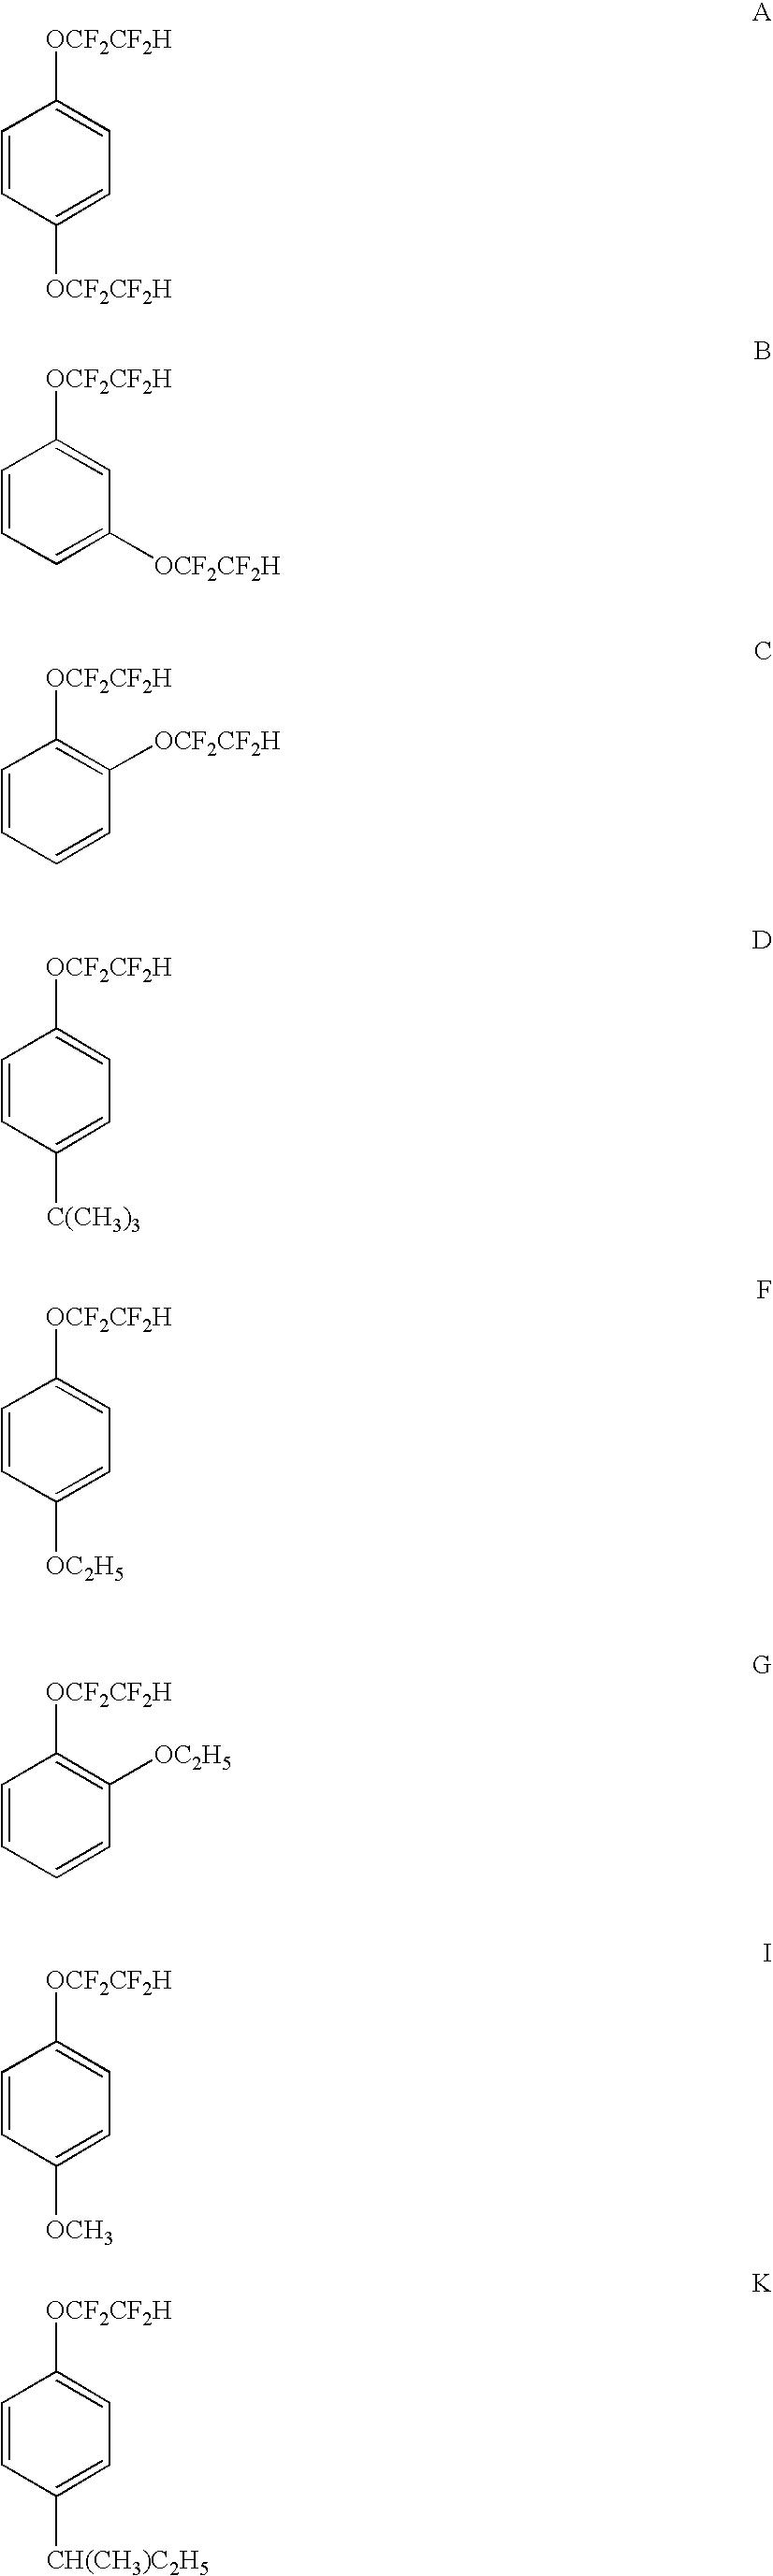 Figure US20050062021A1-20050324-C00004